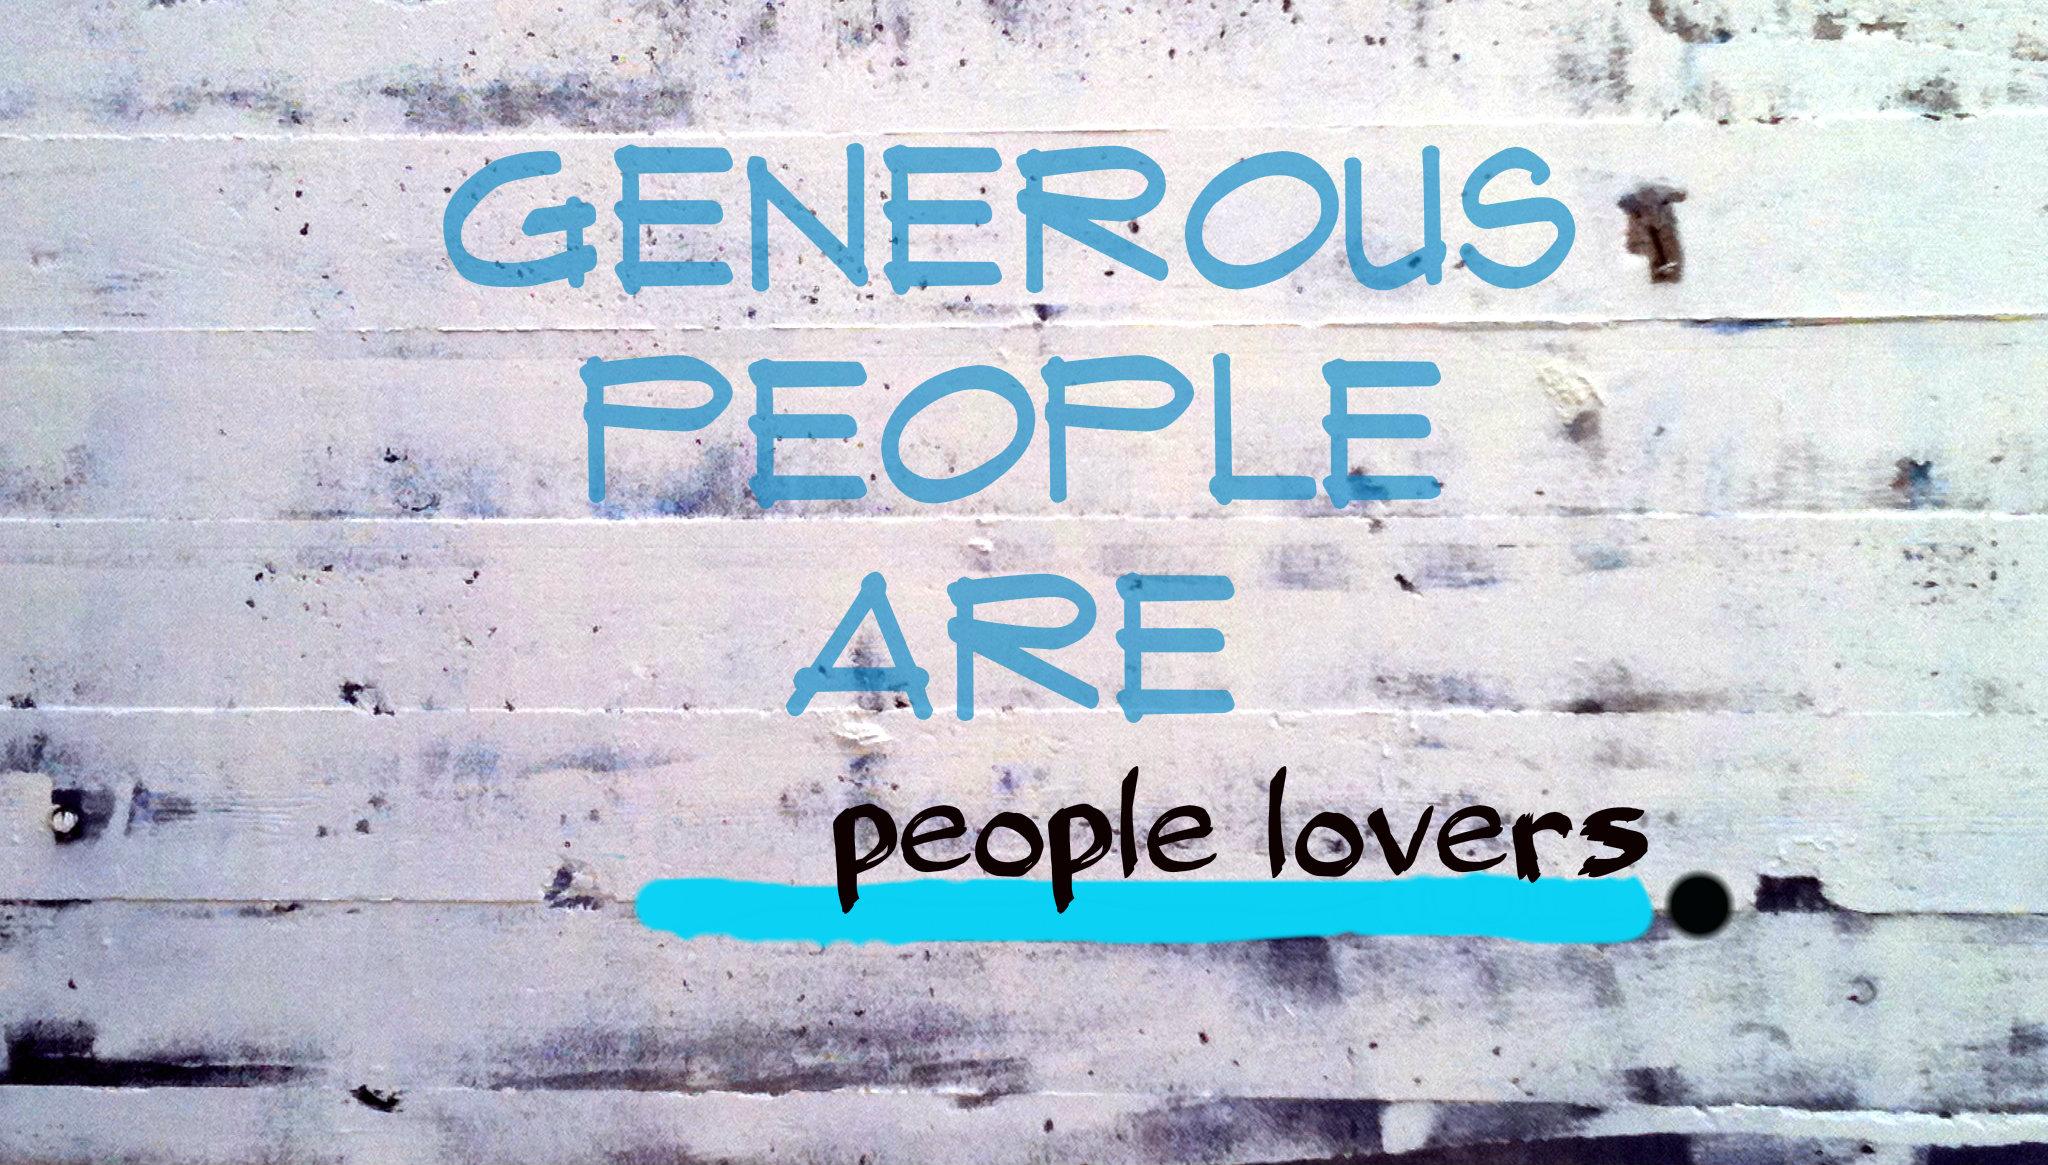 generous people arepeoplelovers